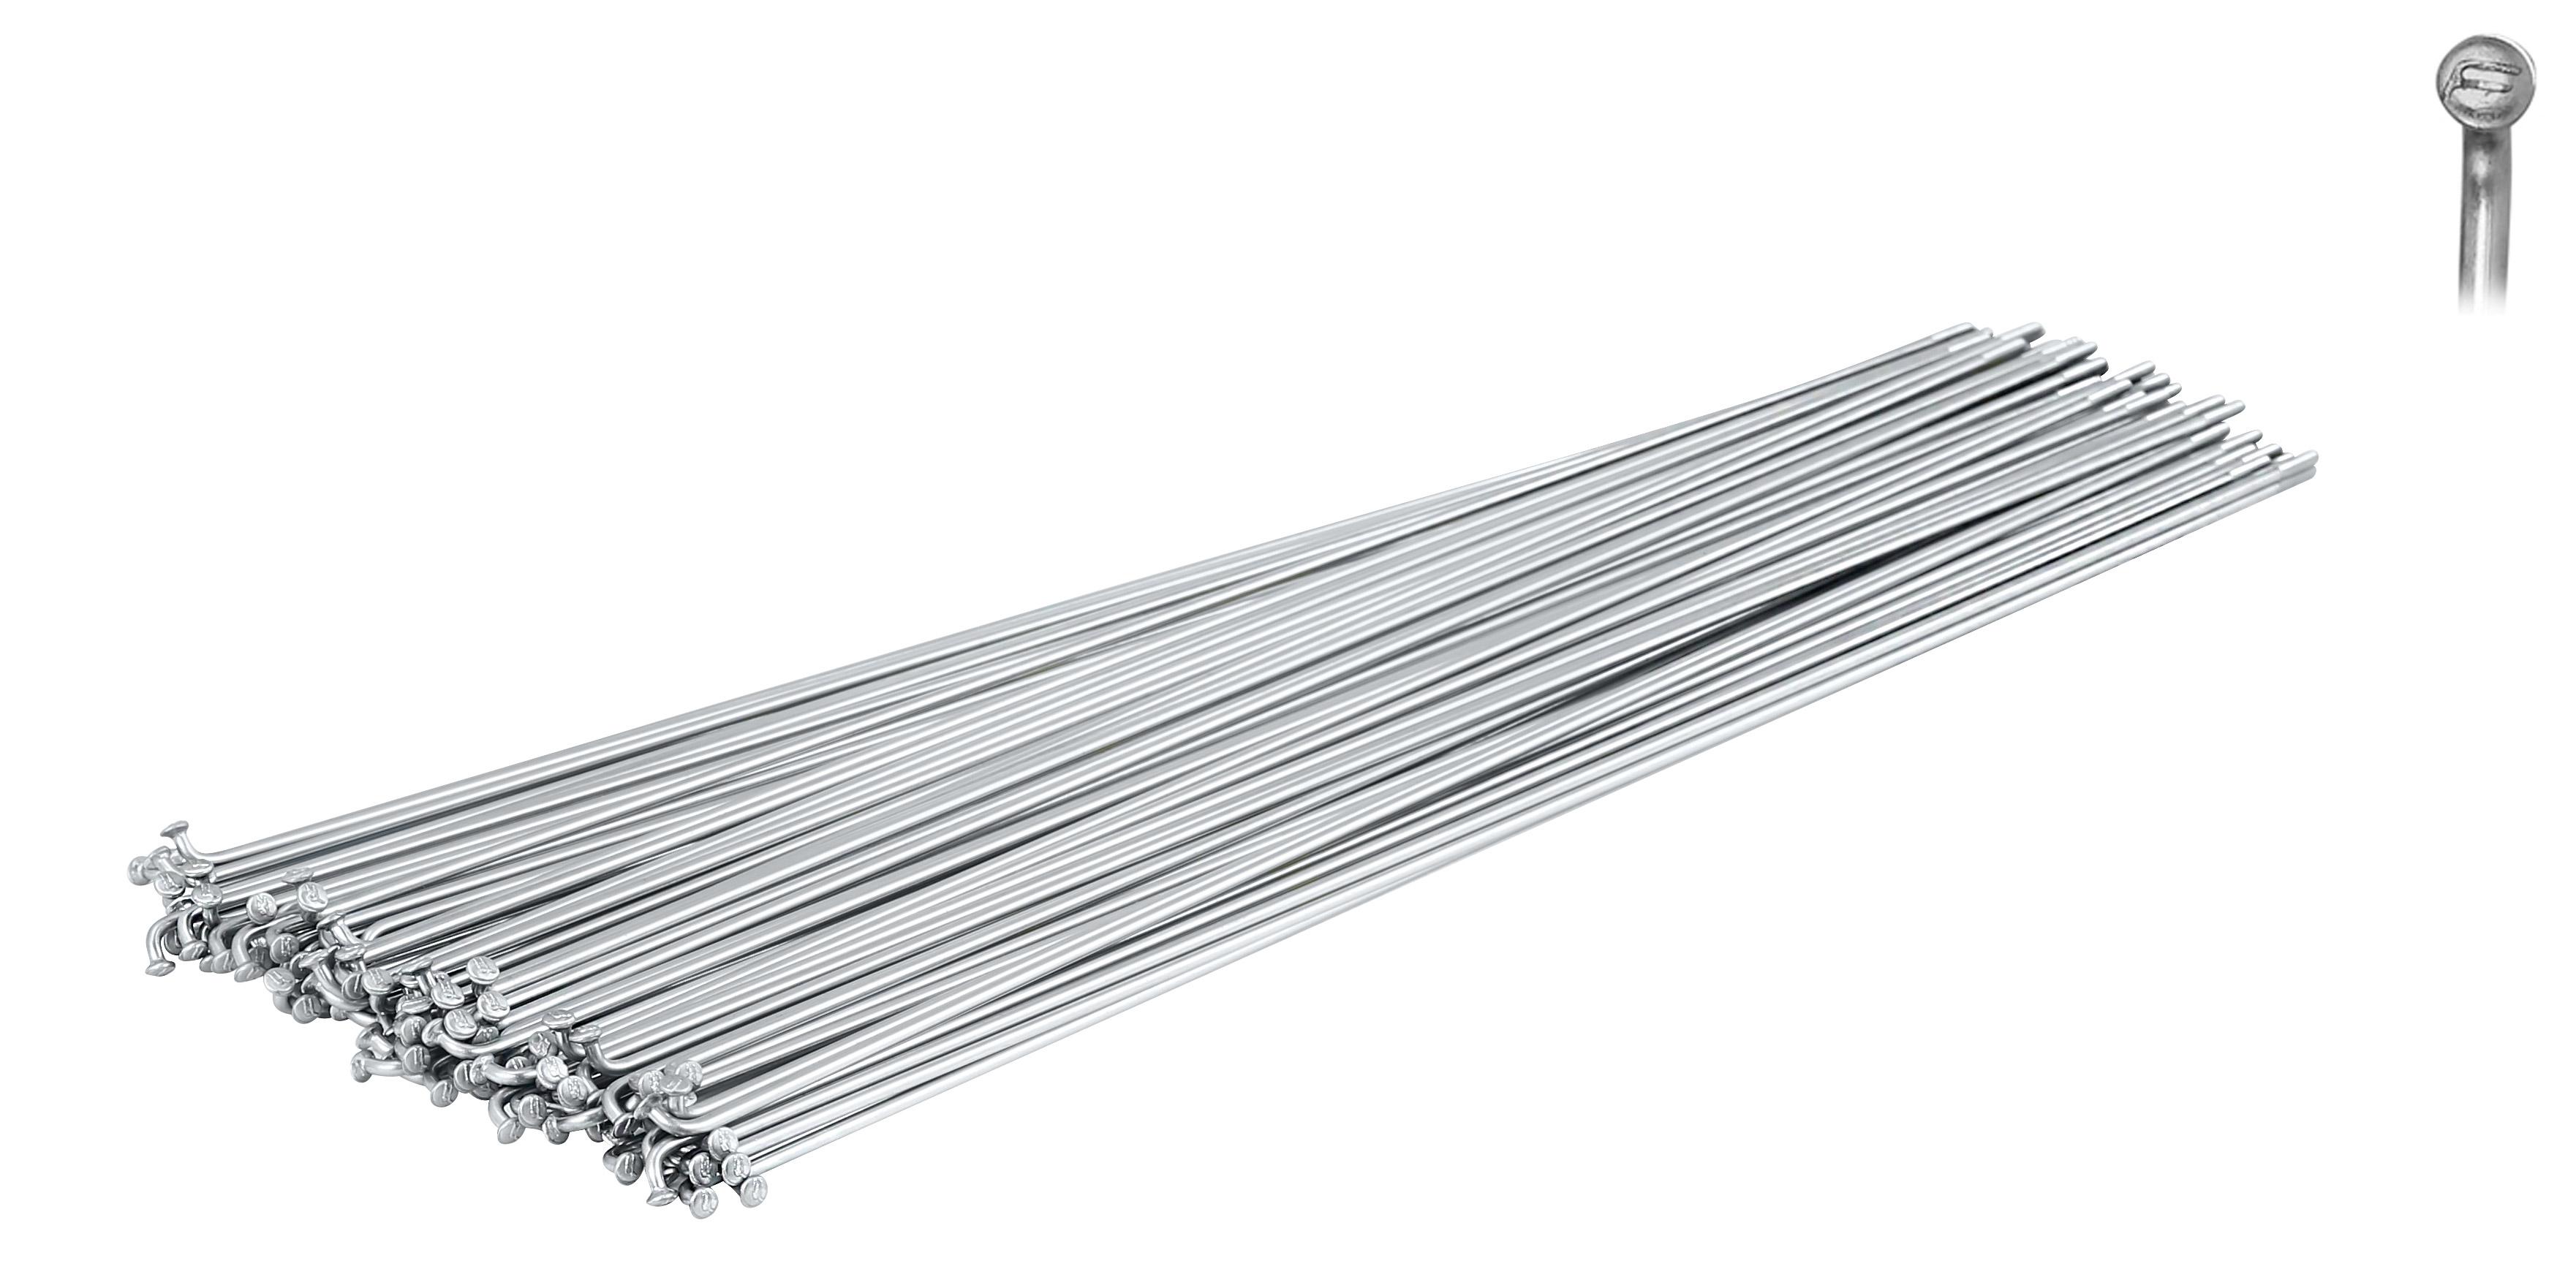 dráty FORCE nerez stříbrné 2 mm x 272 mm